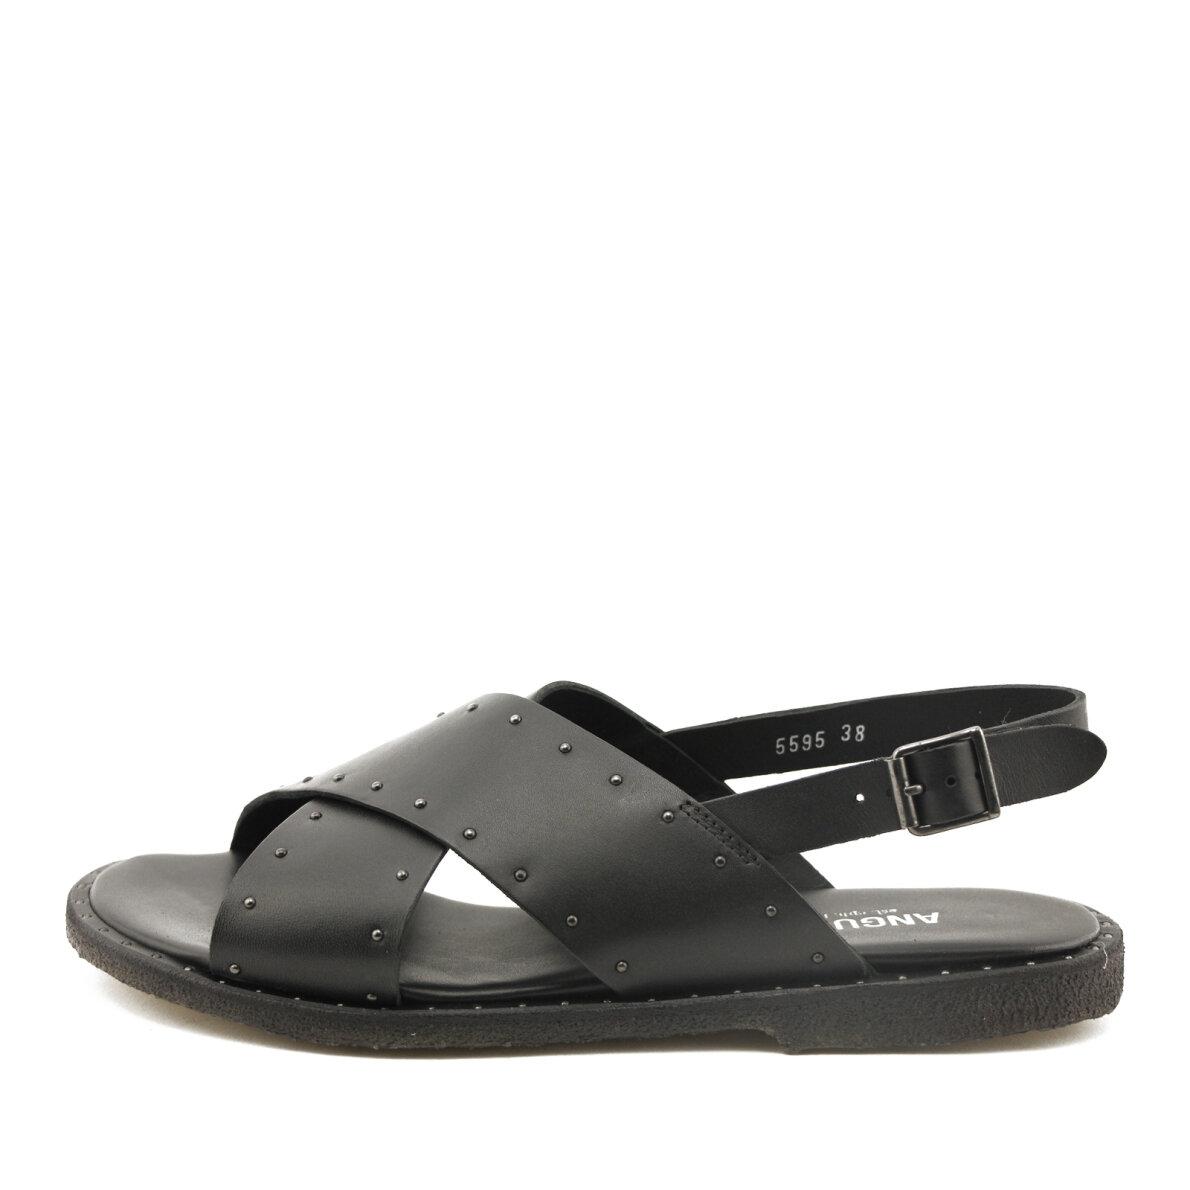 d9223b9872f2 Angulus - Angulus 5595 sort dame sandal med nitter ...